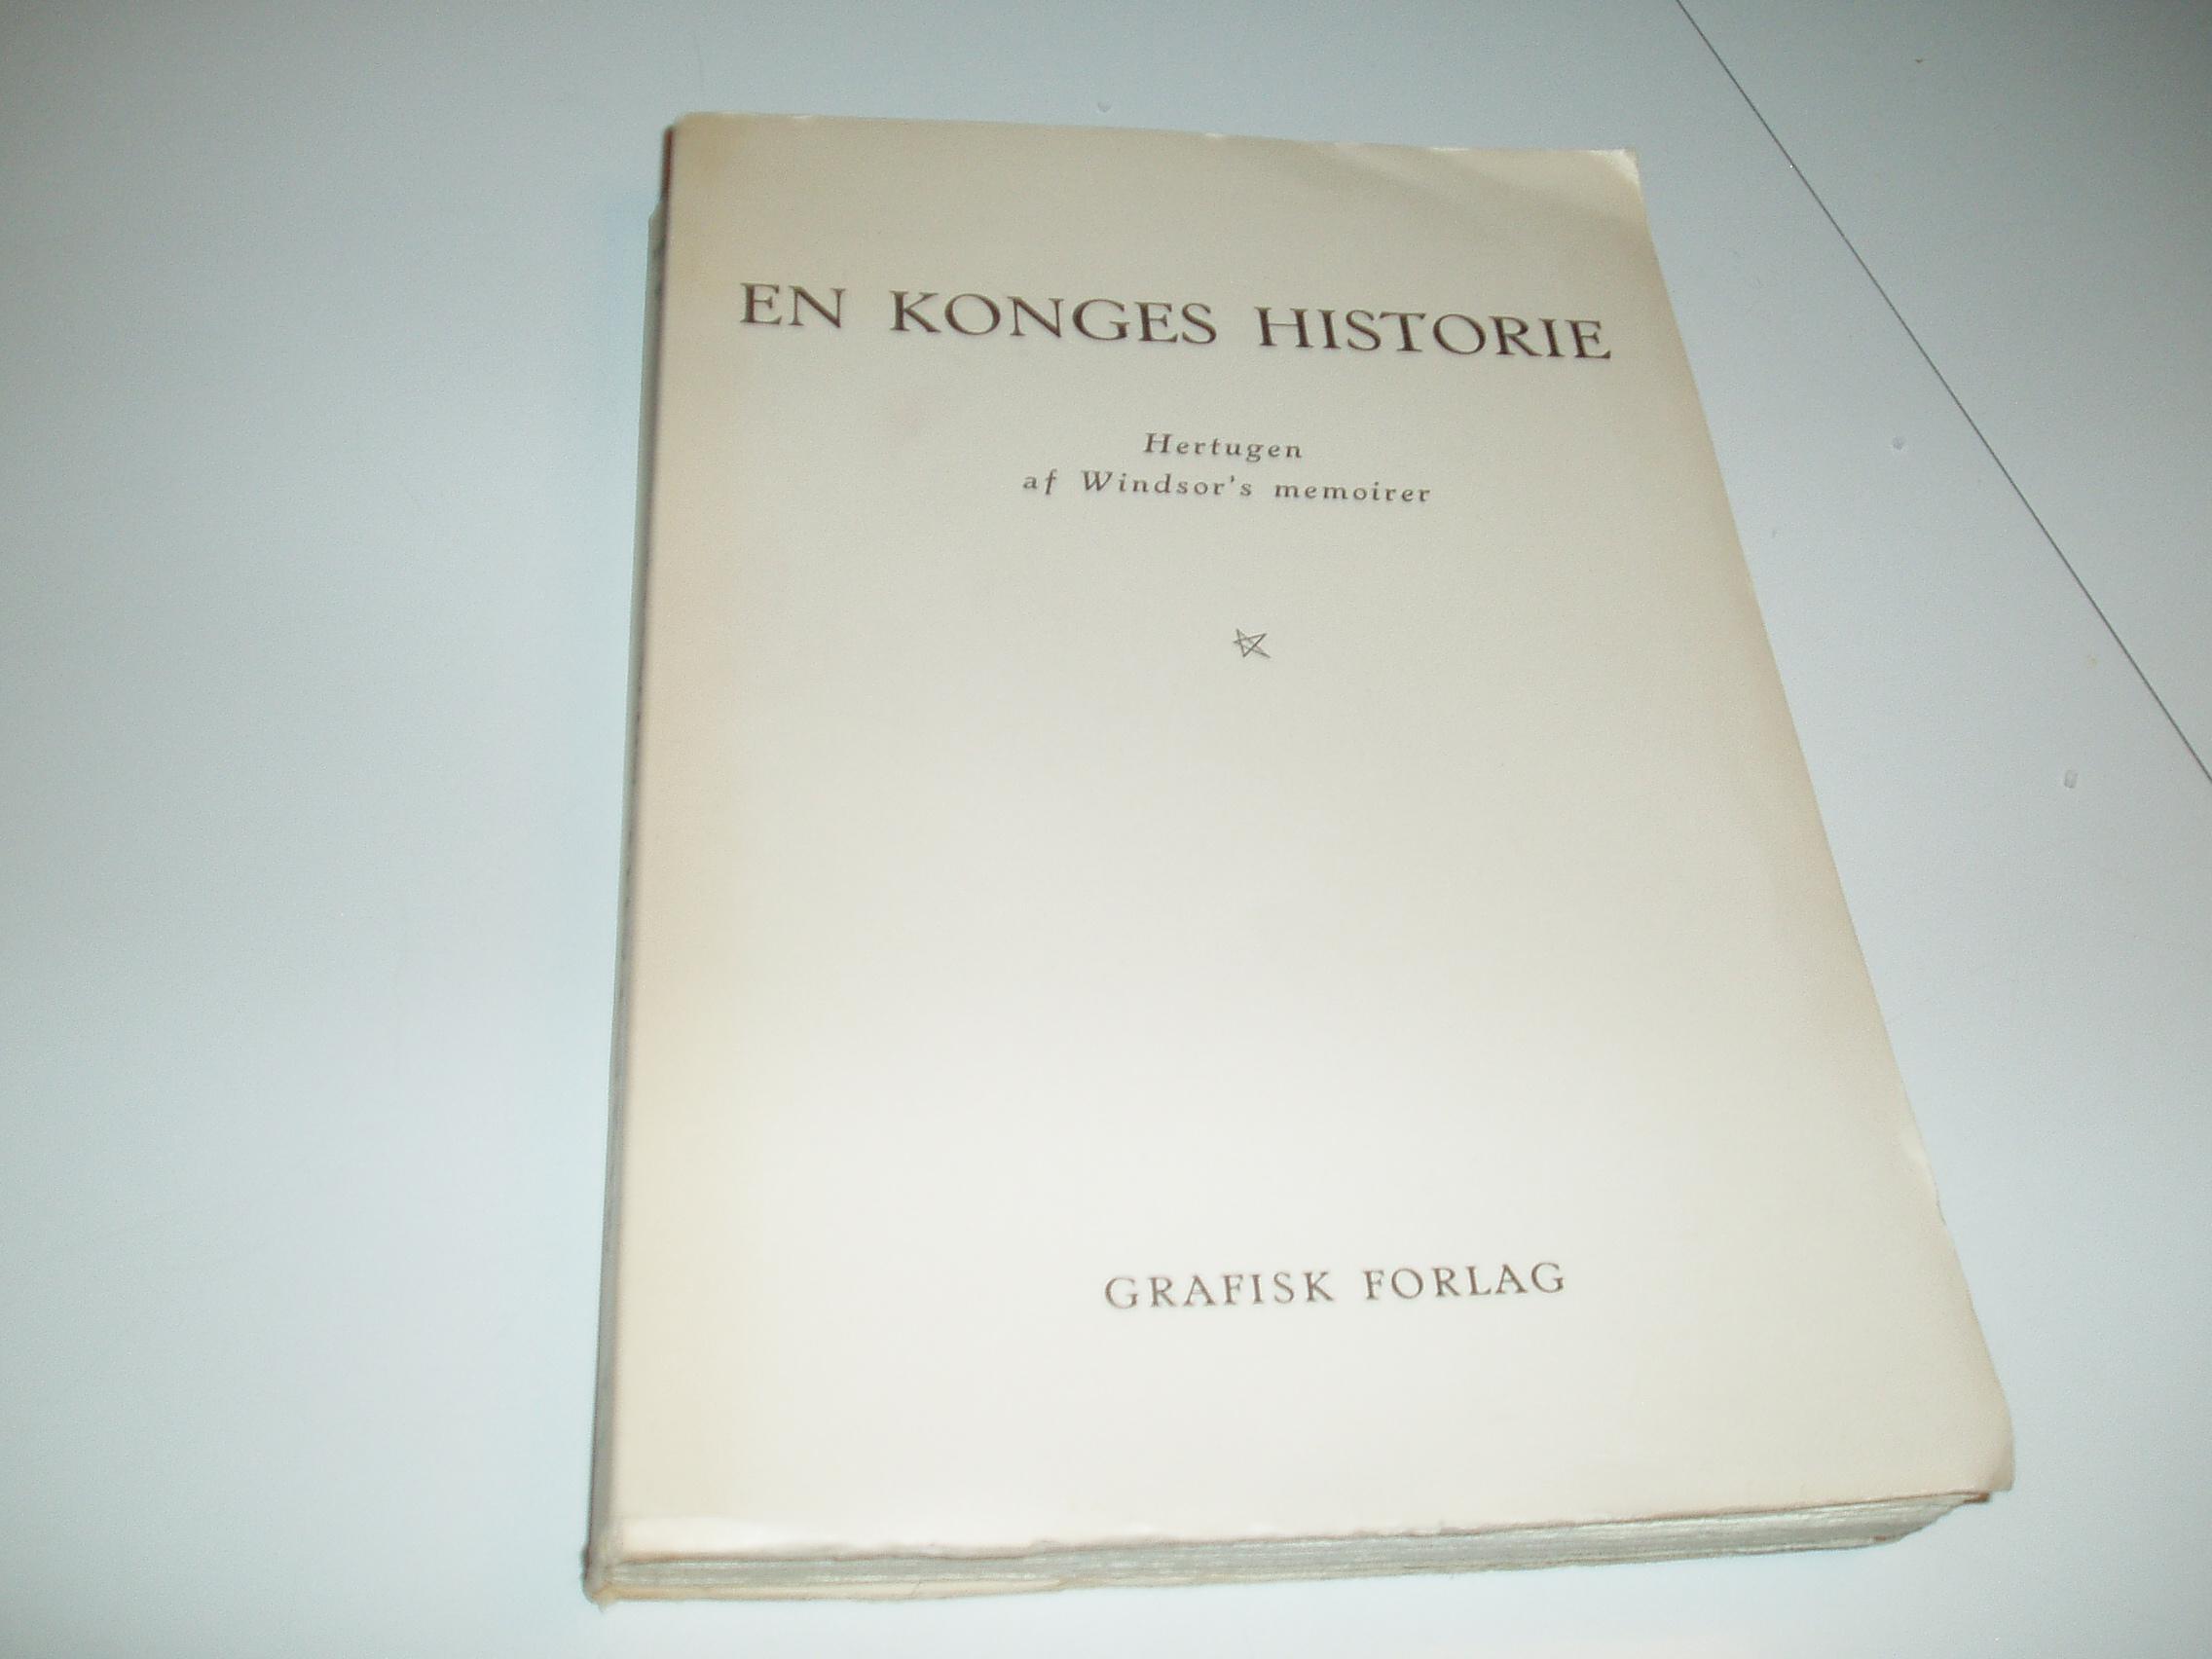 En konges historie. Hertugen af Windsor´s memoirer